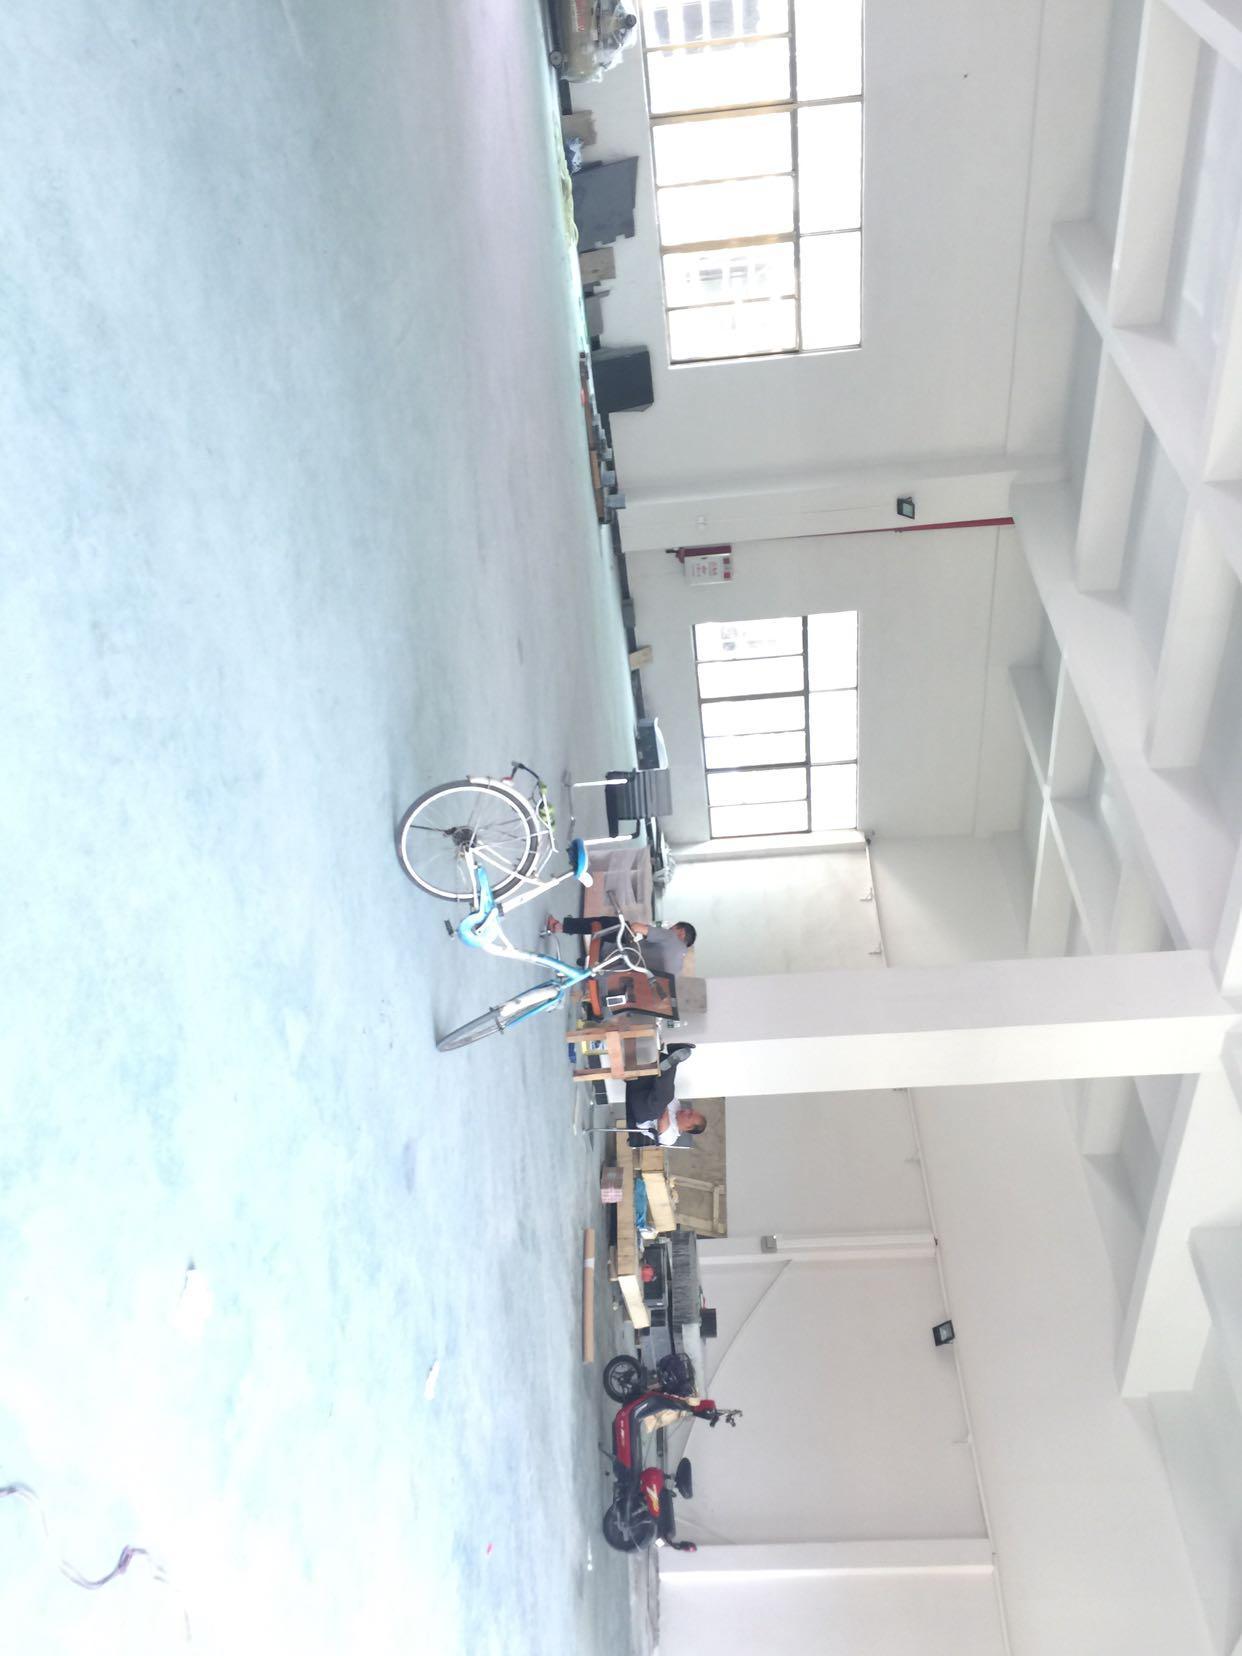 大朗佛新前一秒新出标准厂房分租1⃣️楼600平米水电齐全有办公室-图2